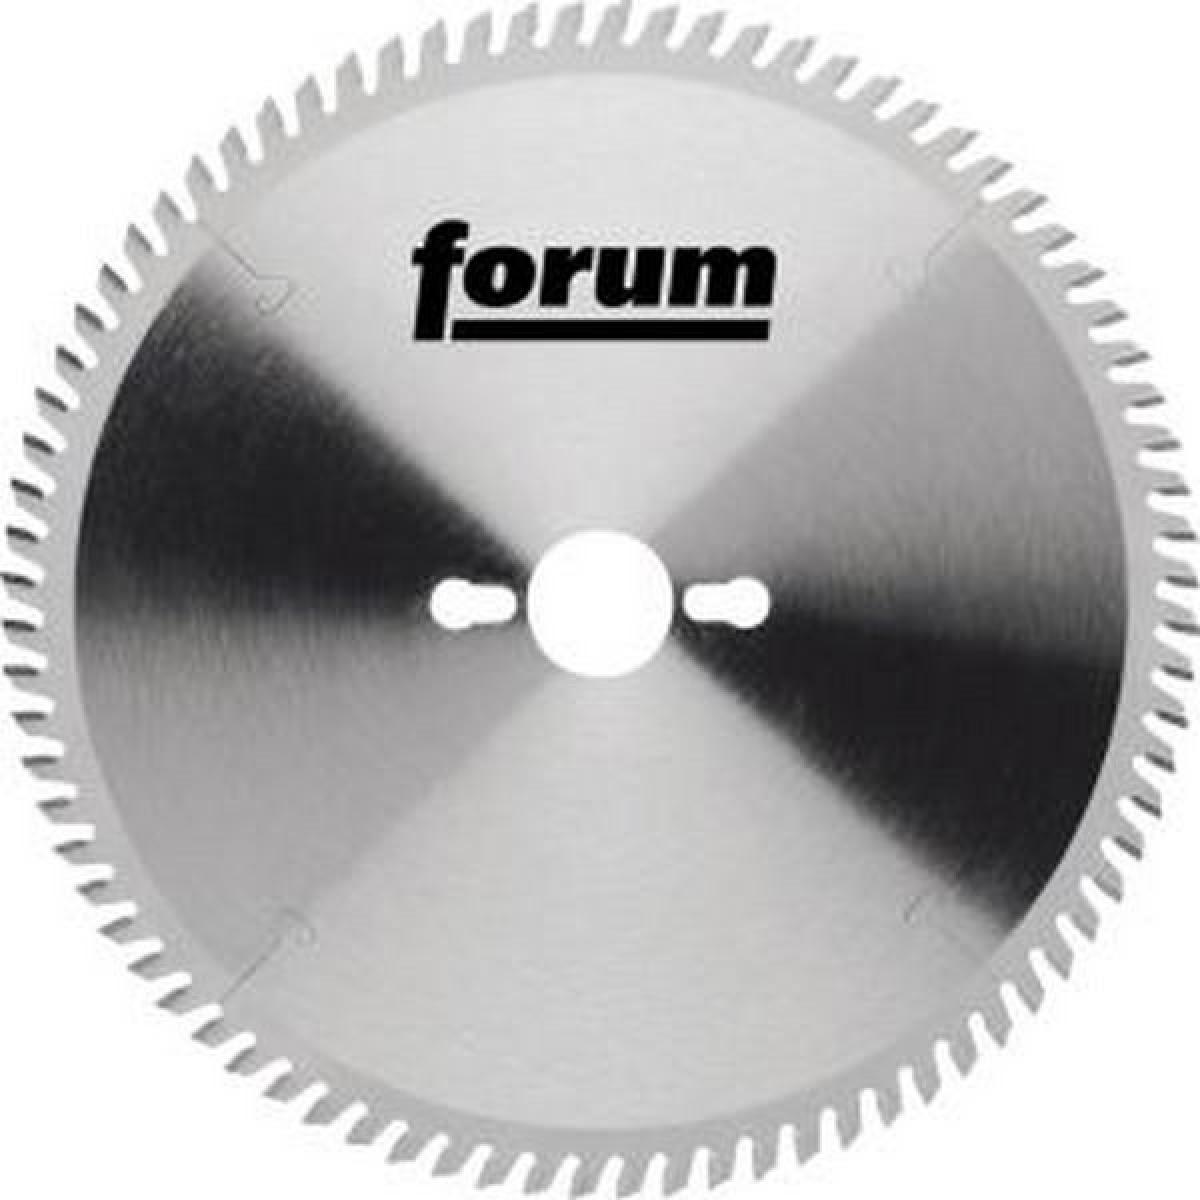 Forum Lame de scie circulaire, Ø : 216 mm, Larg. : 2,8 mm, Alésage 30 mm, Perçages secondaires : -, Dents : 48